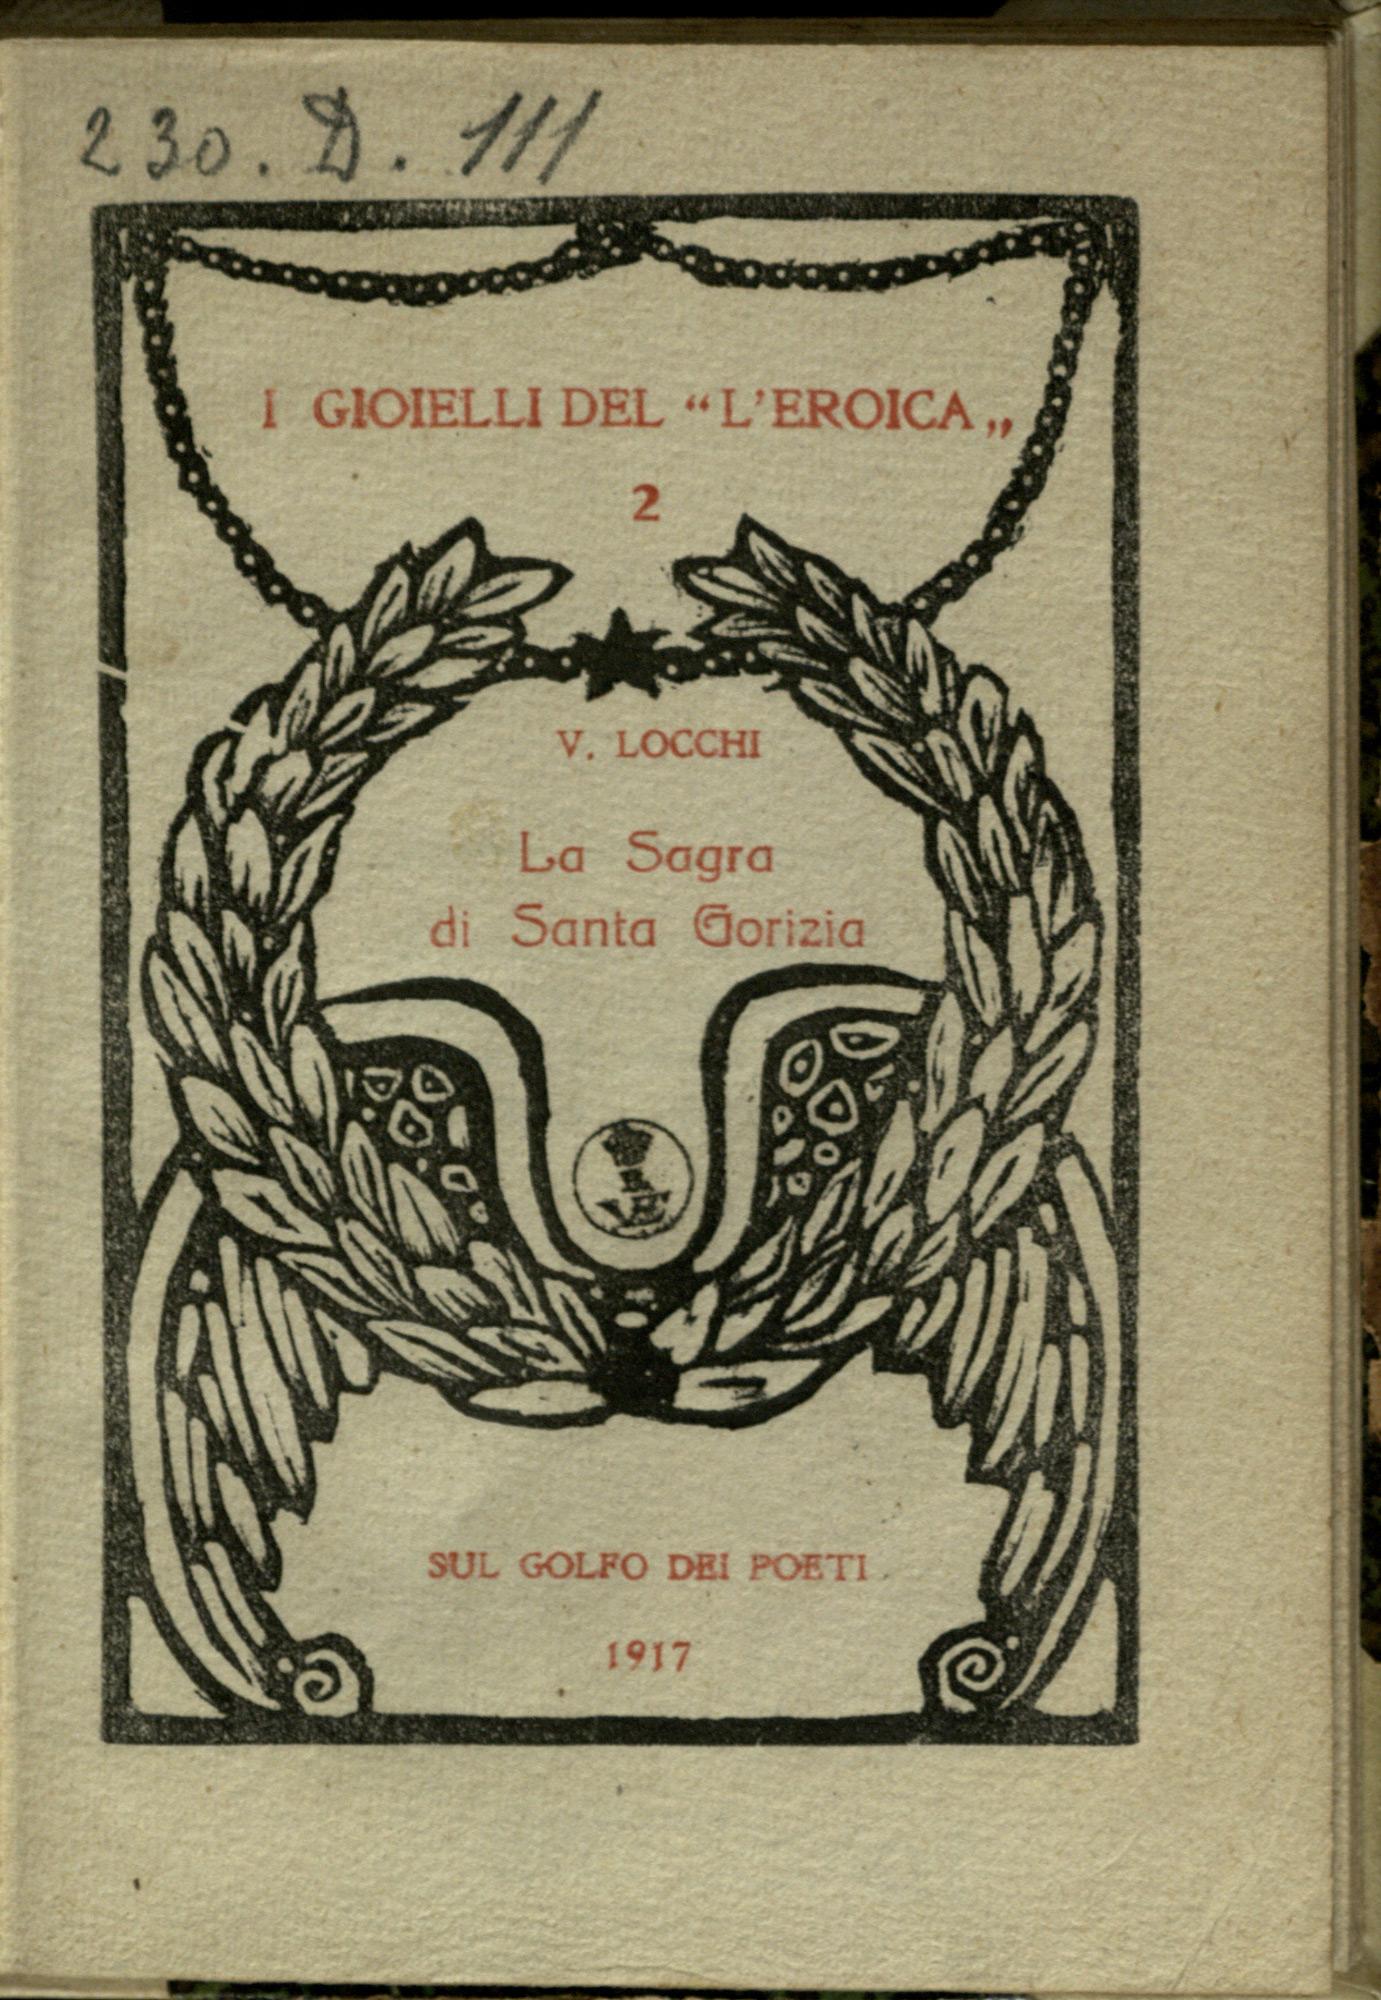 The feast of Santa Gorizia